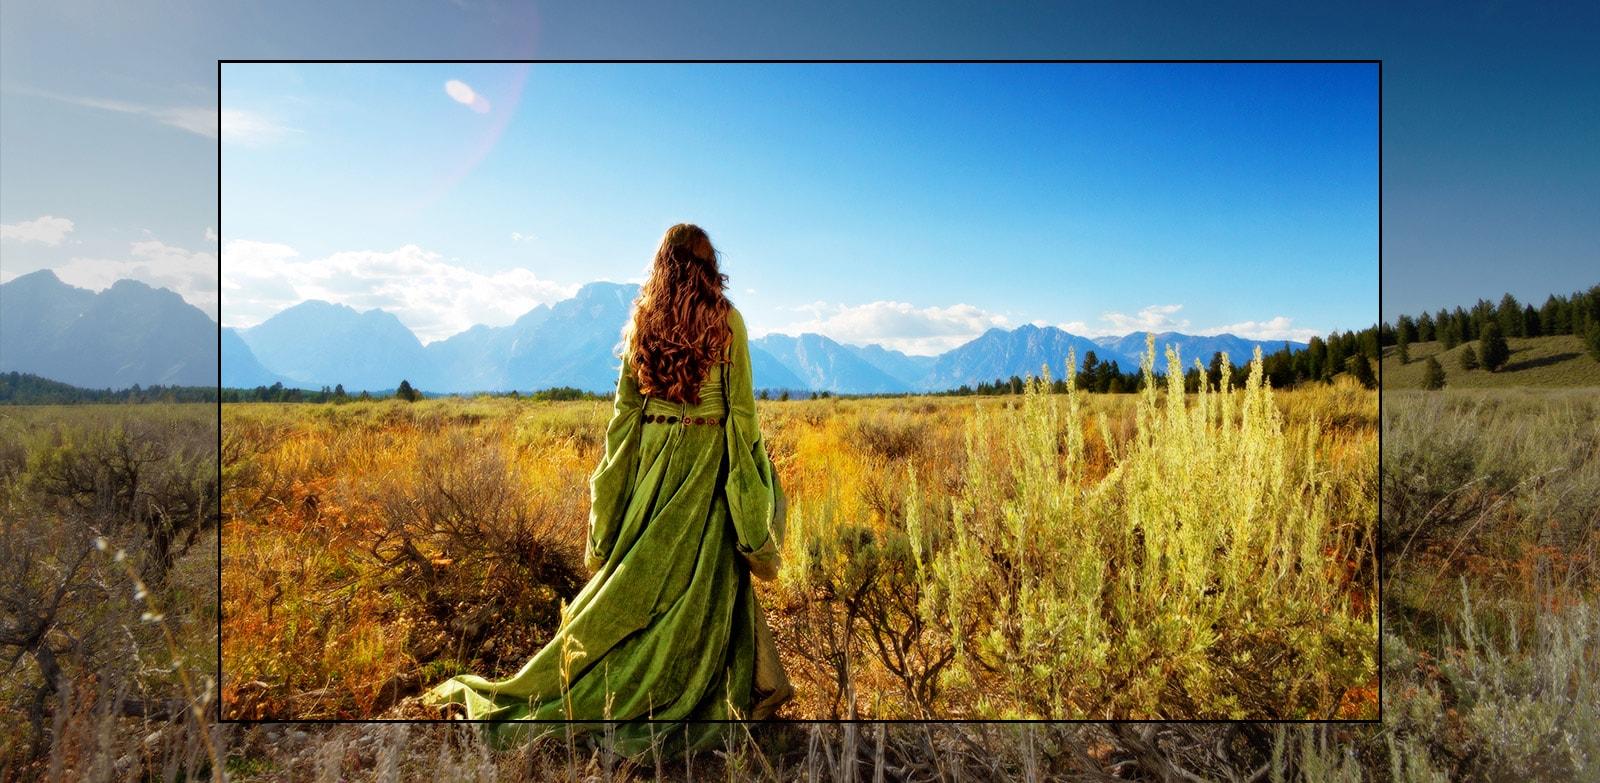 Televizní obrazovka se scénou zfantasy filmu, ve kterém vpolích stojí žena čelem khorám.